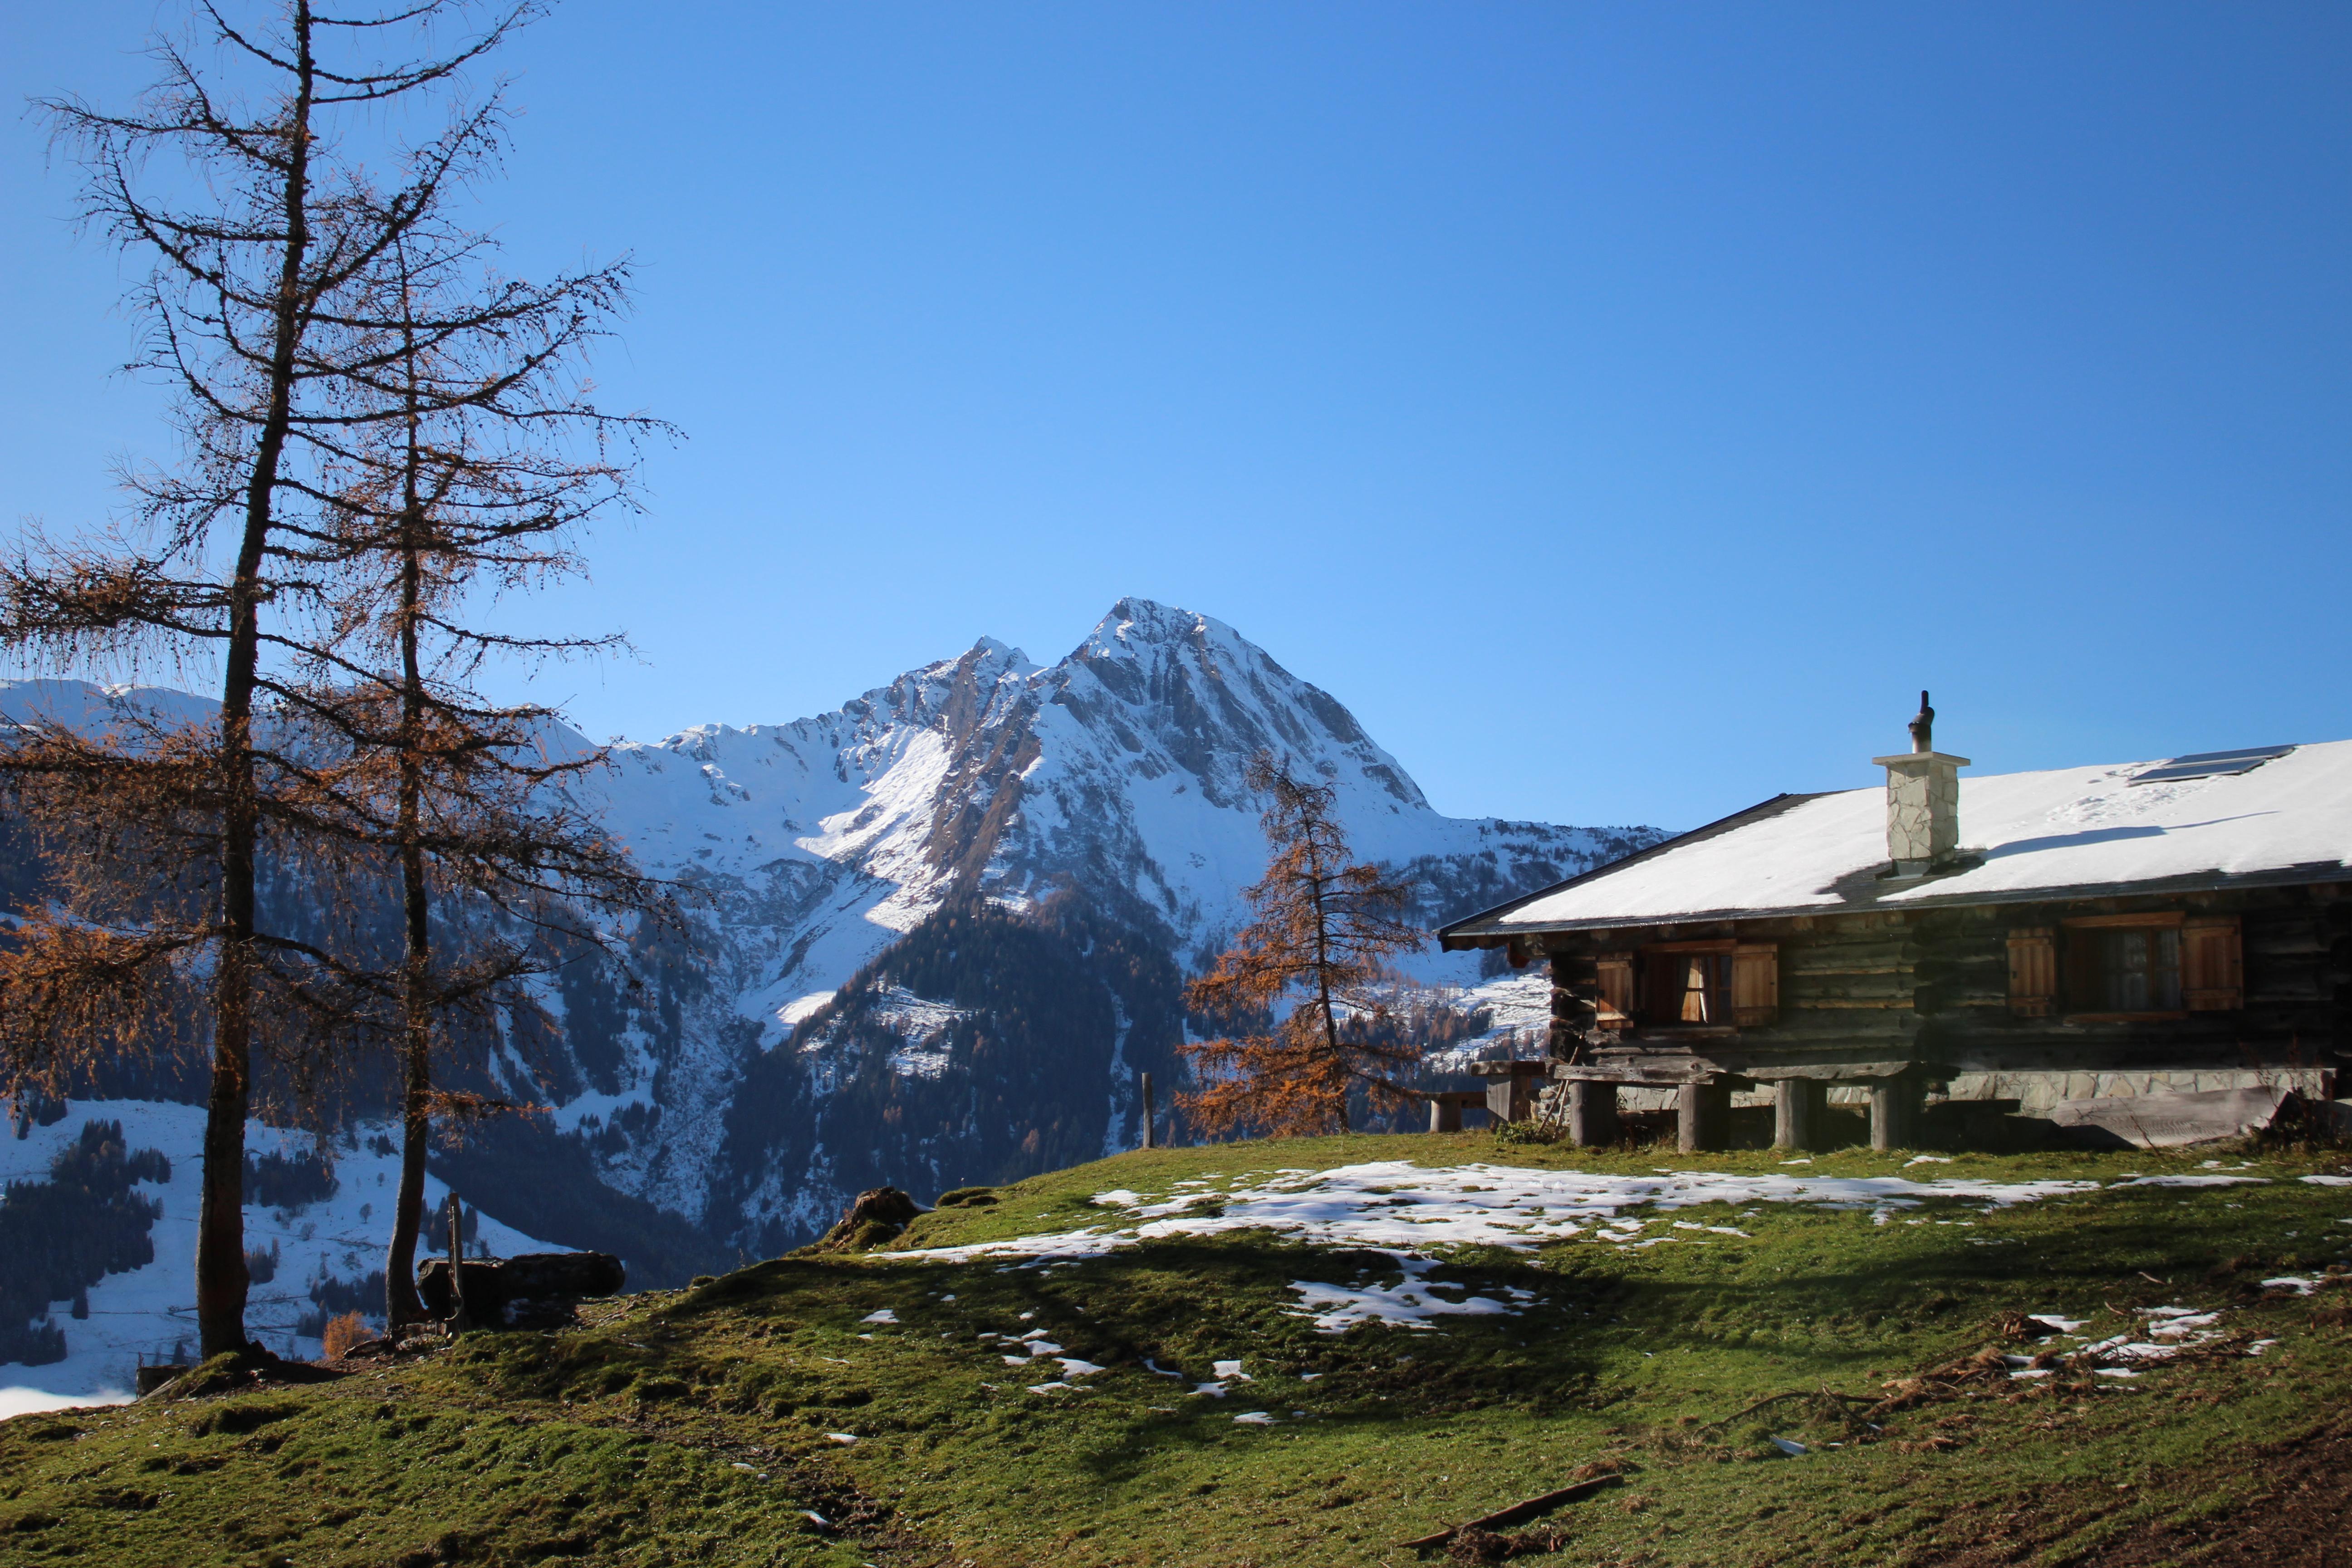 Alm in Dorfgastein